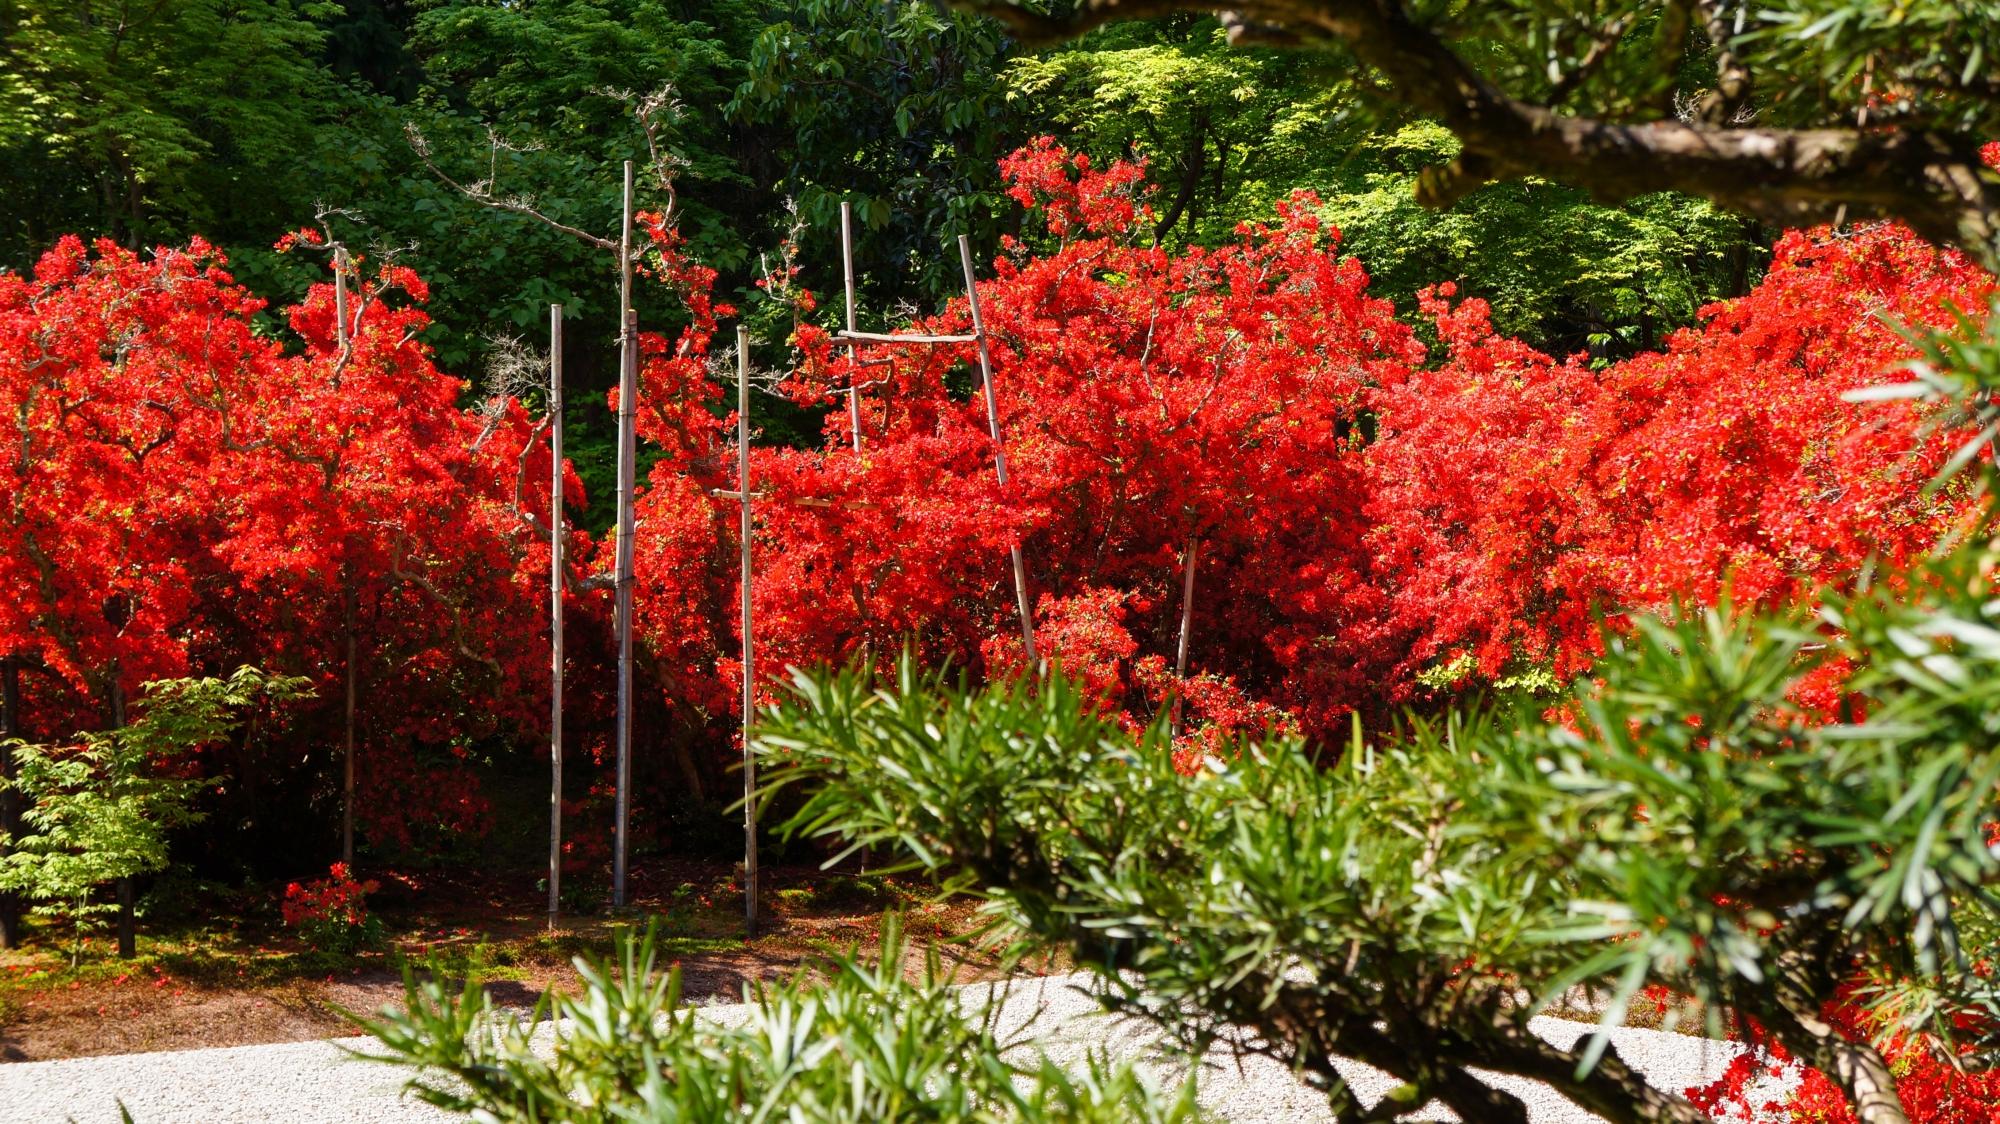 背景と松の緑の中で弾ける真っ赤なツツジ